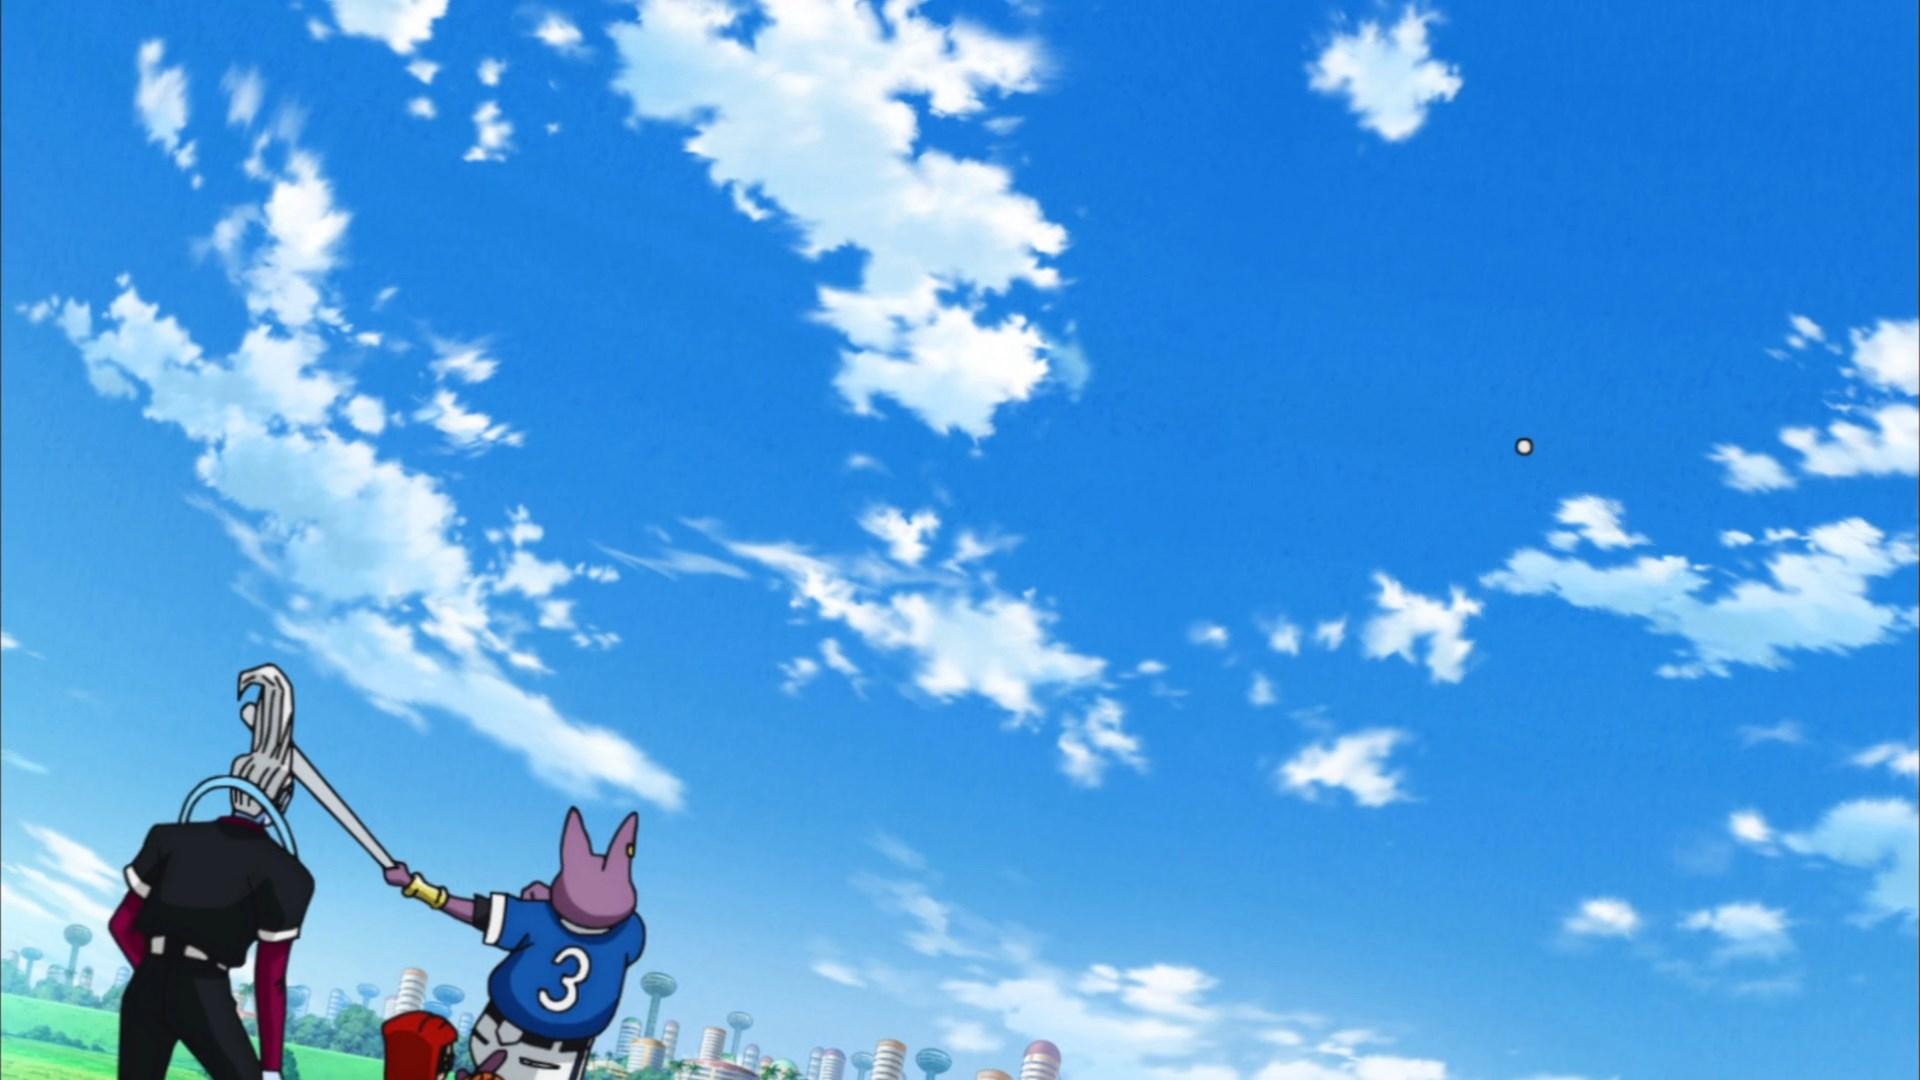 [DS] Dragon Ball Super 070 [1080p].mkv_snapshot_10.42_[2016.12.11_03.44.24]